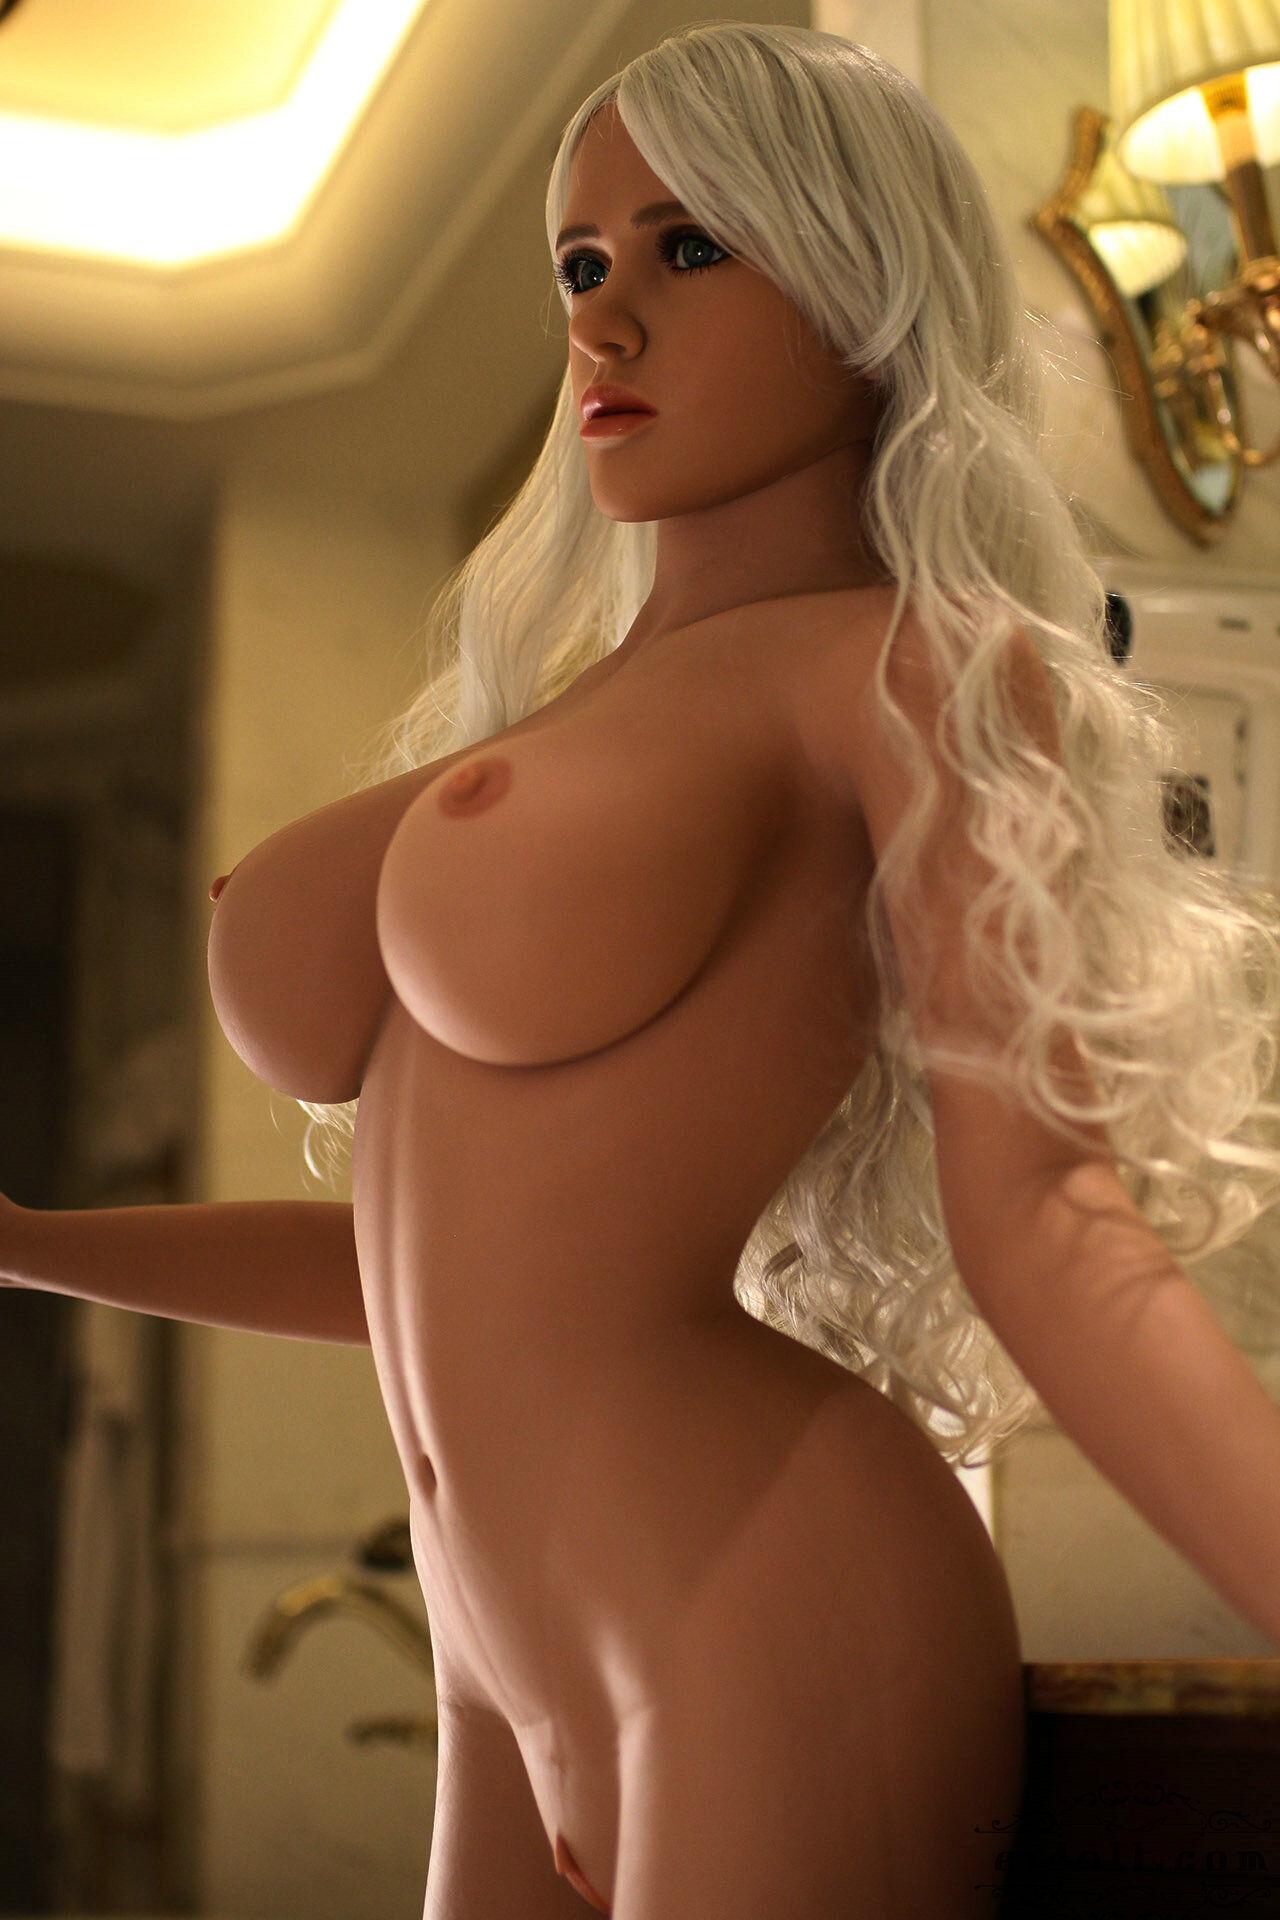 155cm Mary sex doll - 15